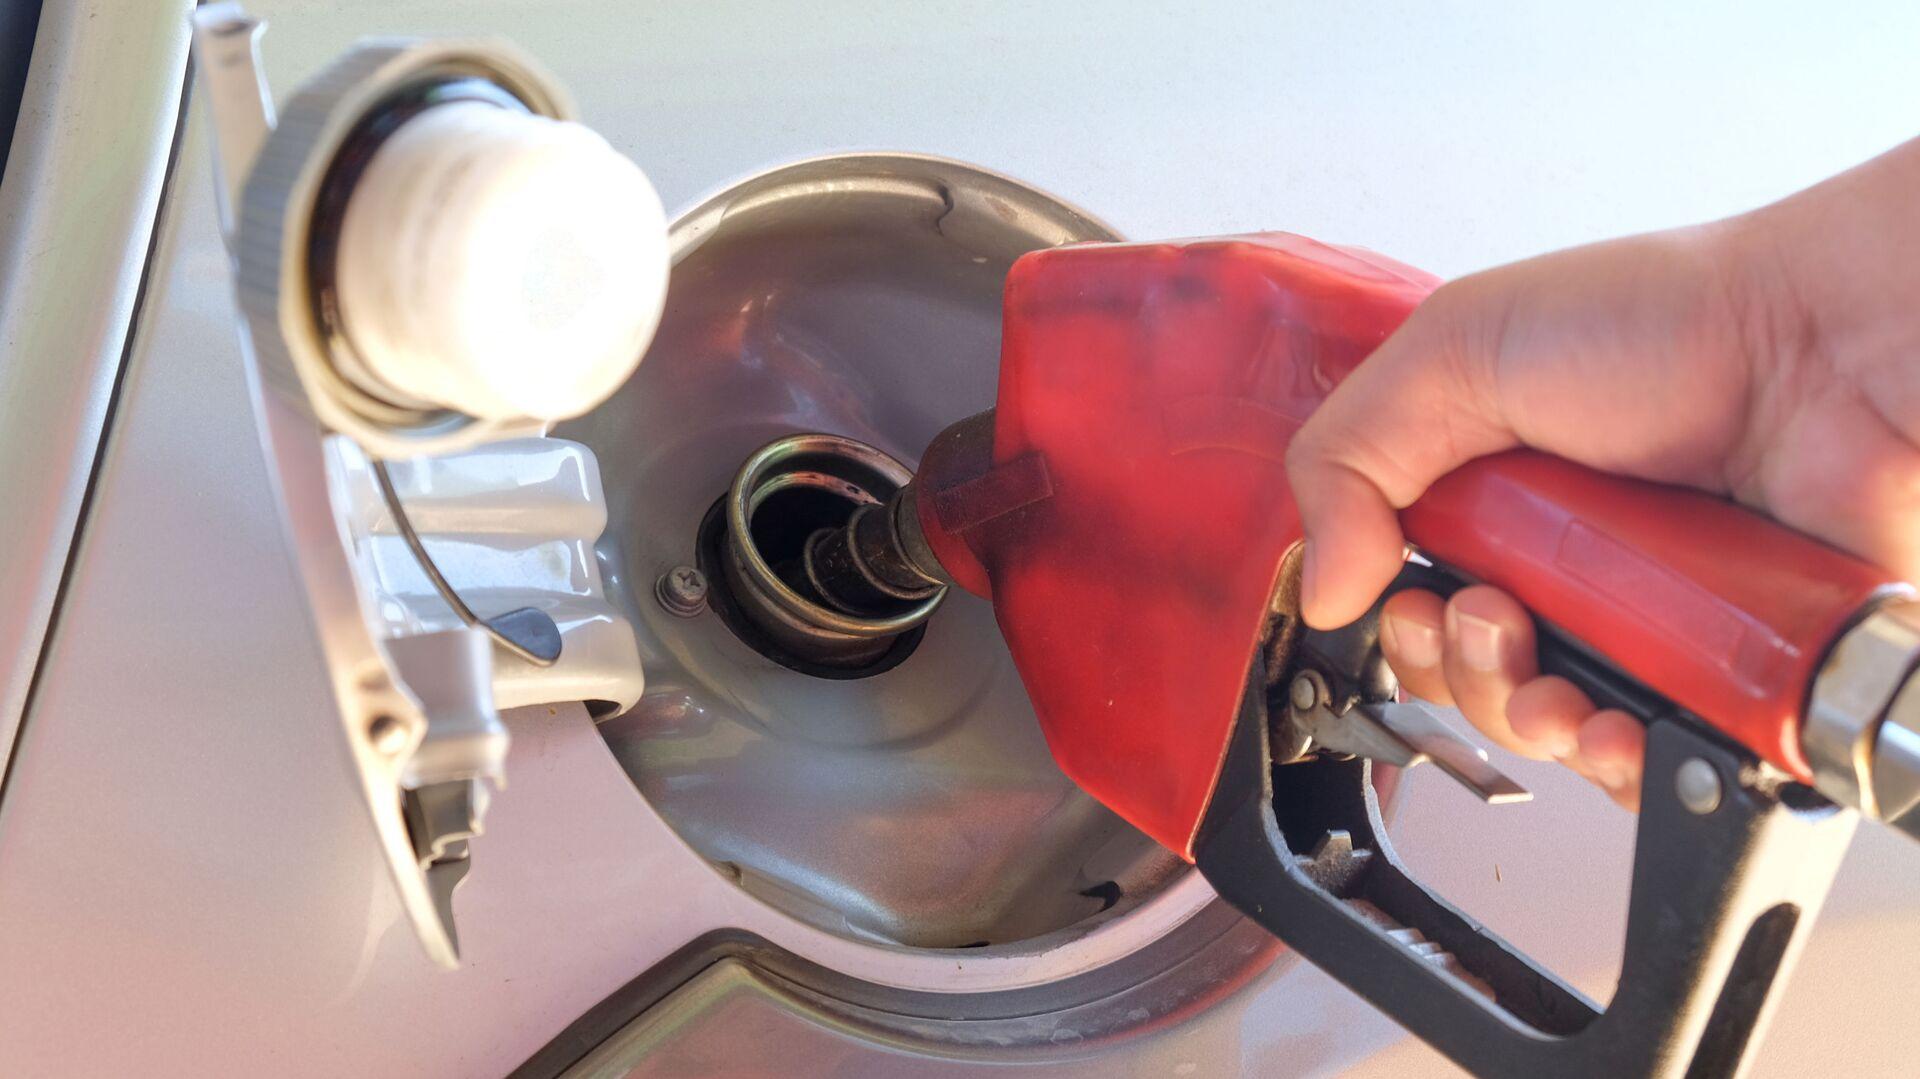 Un automobilista fa benzina al self service - Sputnik Italia, 1920, 18.05.2021